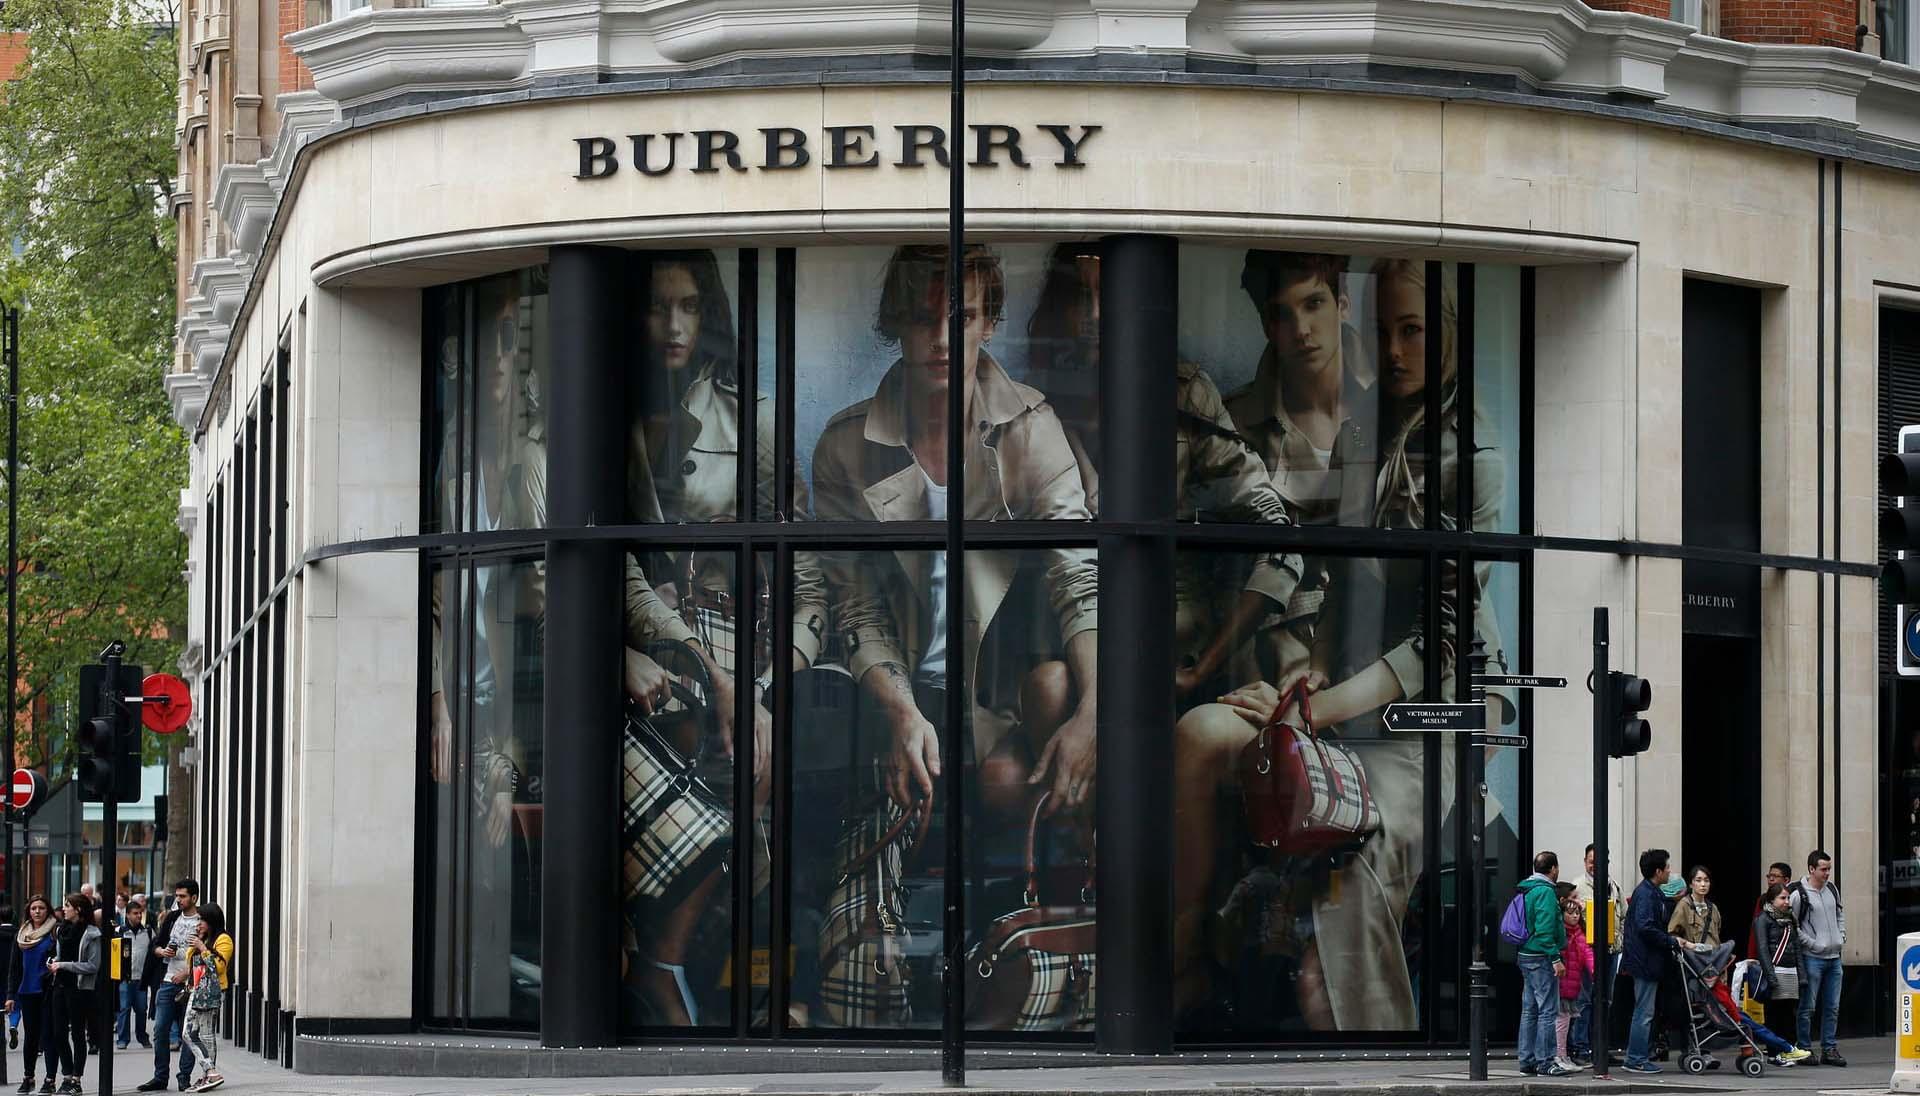 遭股东强烈抗议 Burberry管理层的奖金分红又要泡汤了